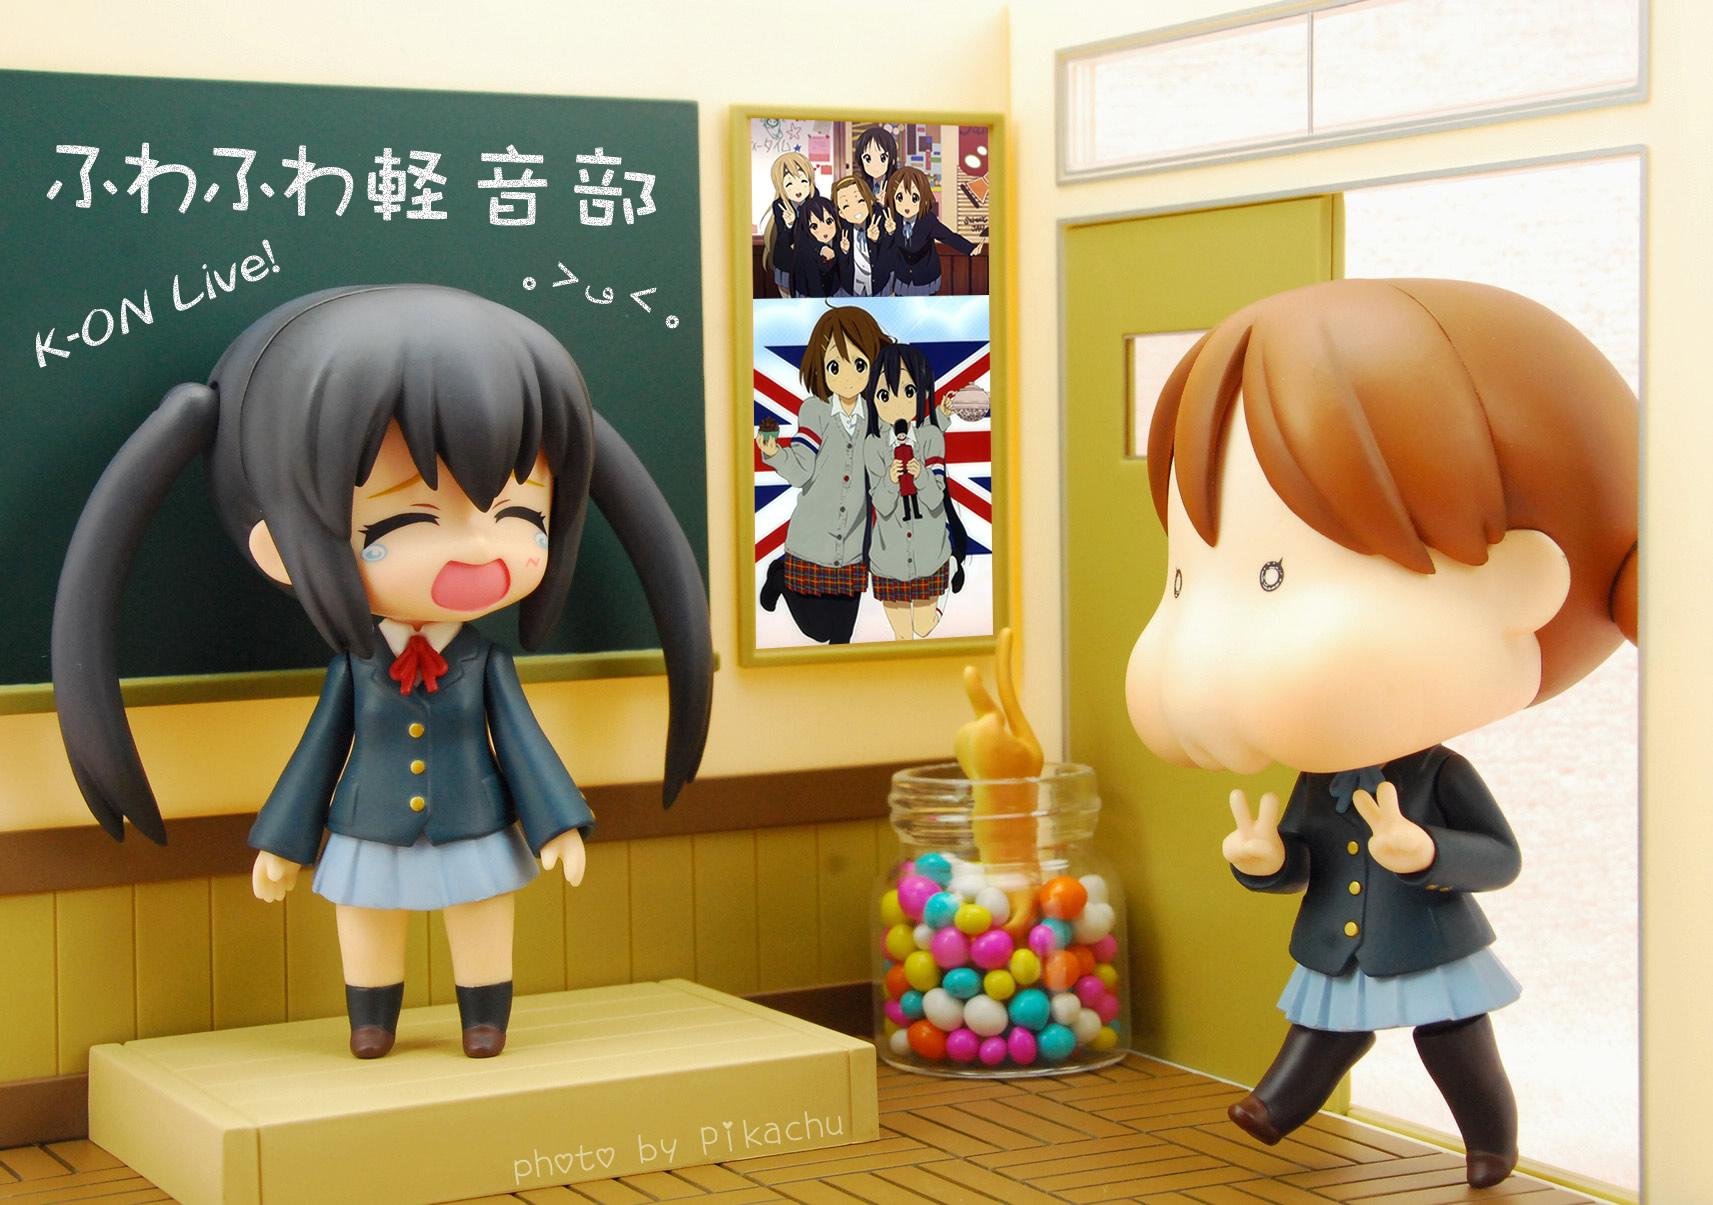 nendoroid k-on! good_smile_company hirasawa_yui nakano_azusa shishidou_imoko sora_o_kakeru_shoujo phat_company nendoroid_playset nendoron udono_kazuyoshi ageta_yukiwo maruhige kyoto_animation k-on!_(movie)